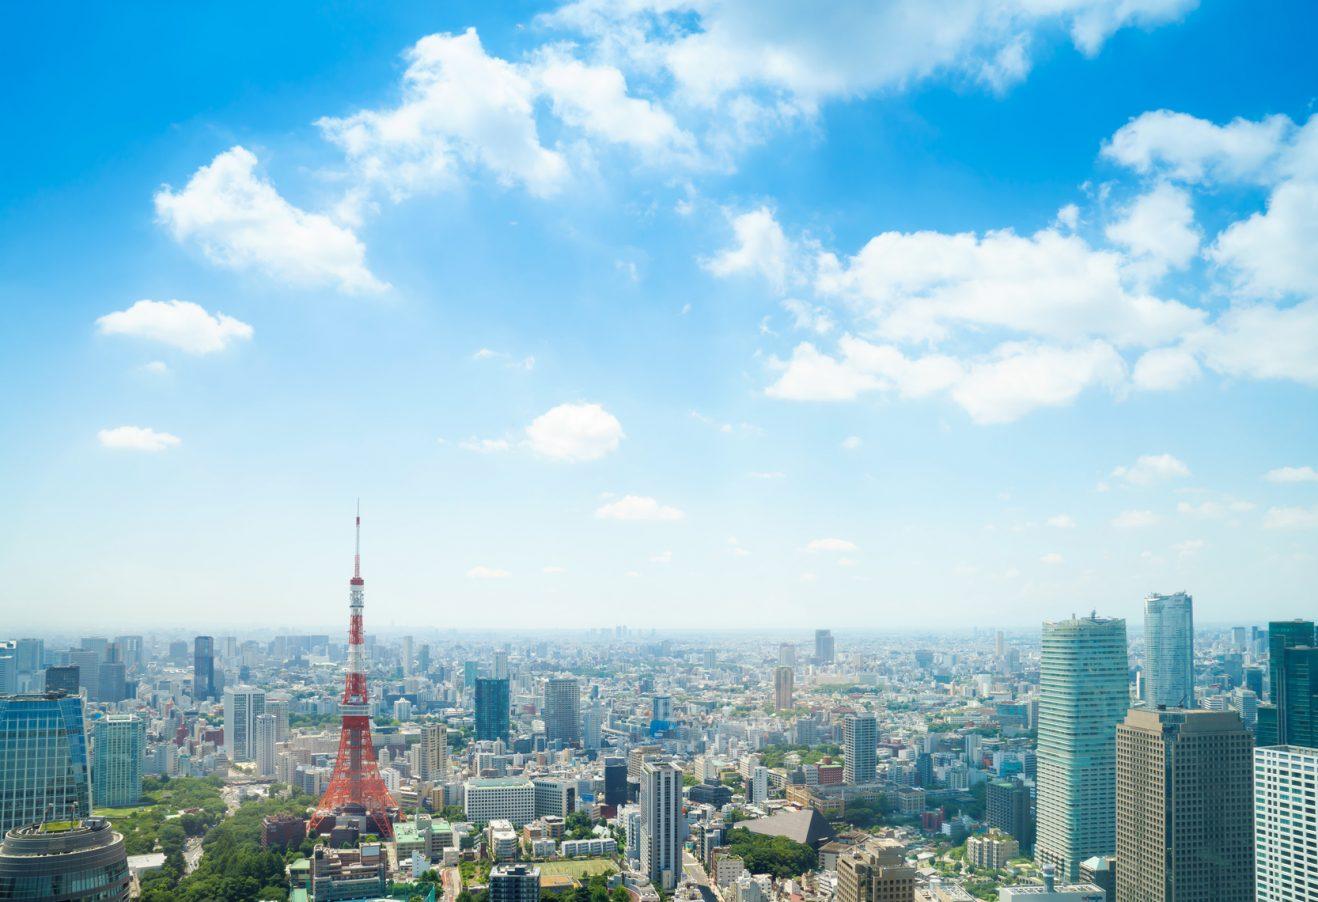 2019年7月24日(水)と7月26日(金)の首都高速の通行止について(東京オリンピックの交通対策テスト)